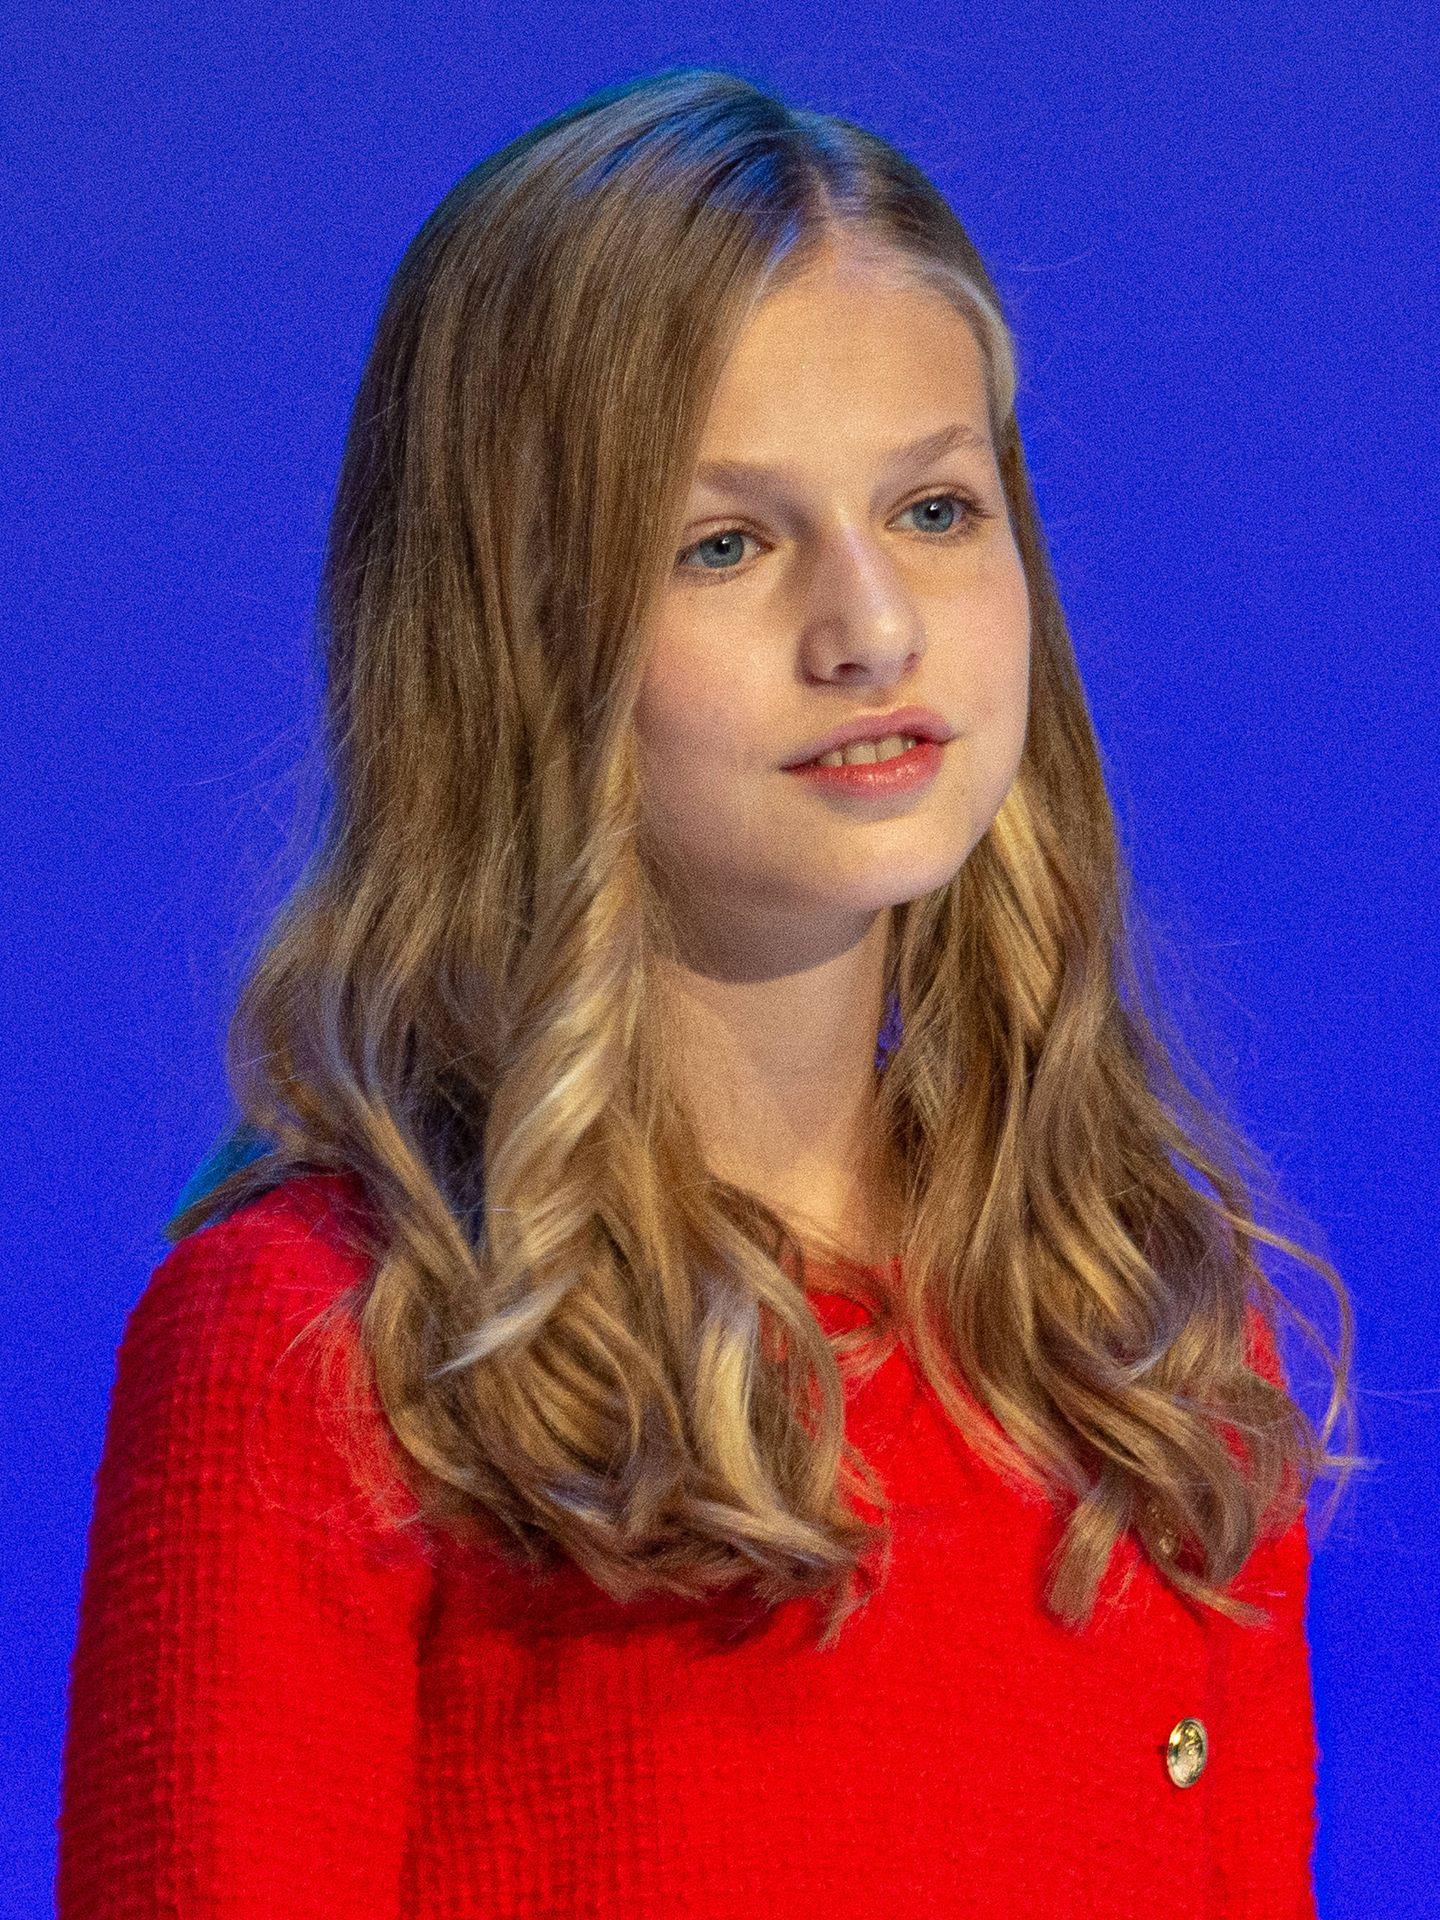 La princesa Leonor, en los Premios Princesa de Girona. (Getty)